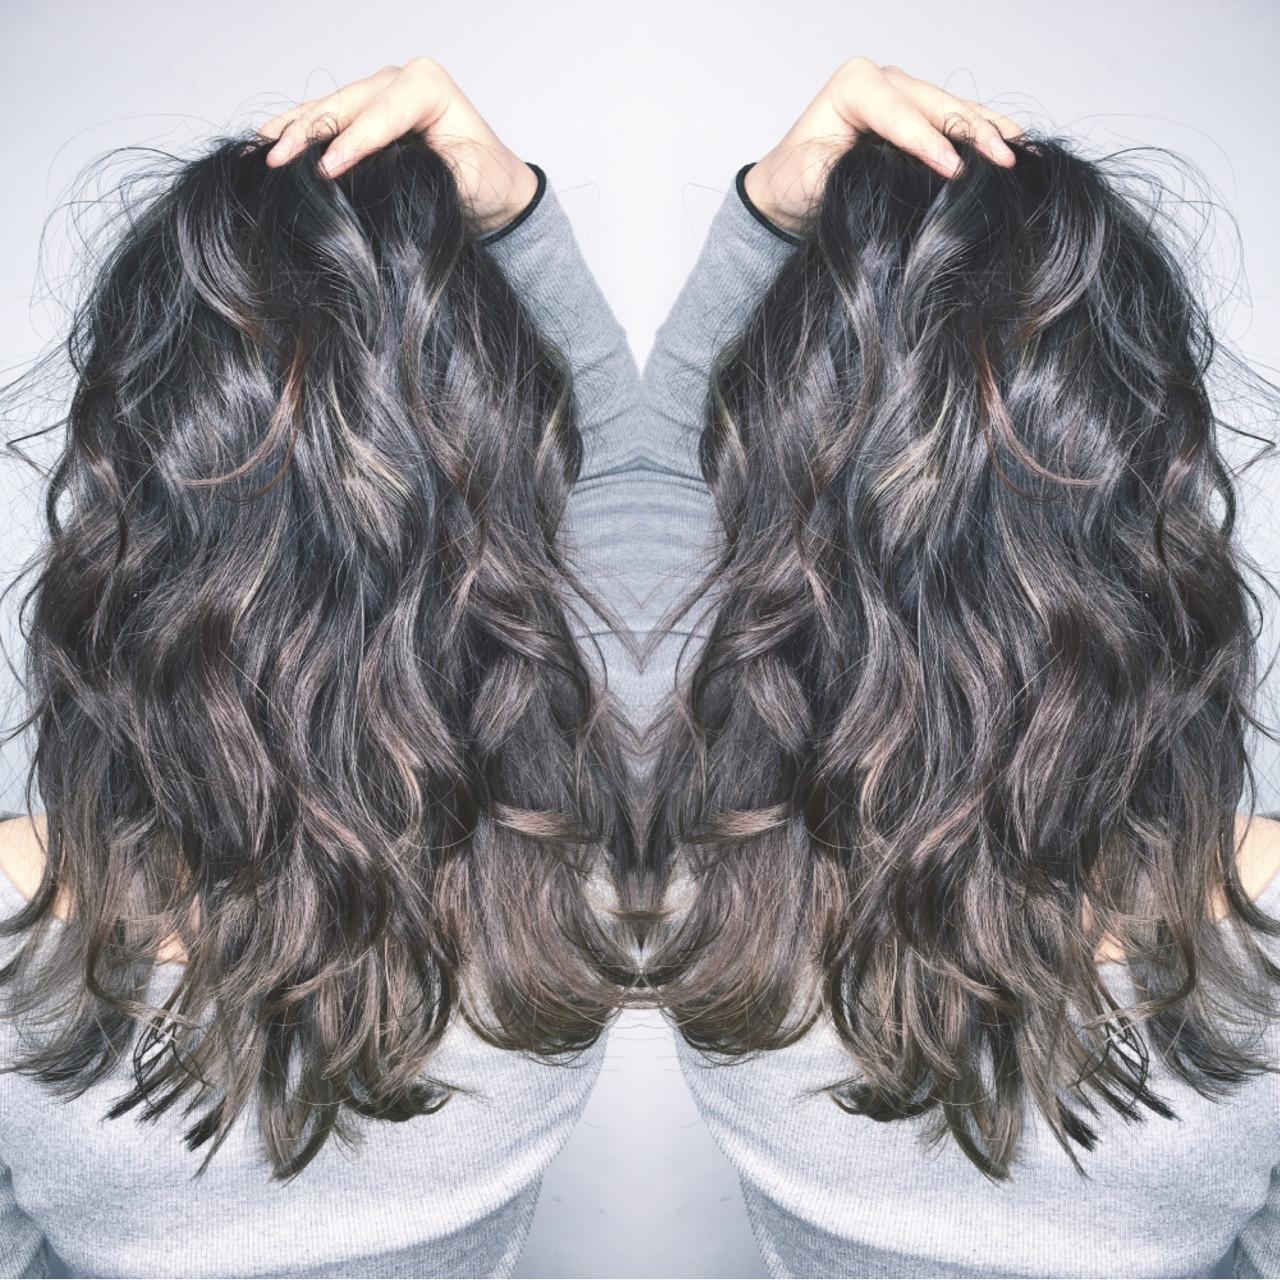 パーマ 外国人風 ナチュラル リラックス ヘアスタイルや髪型の写真・画像 | 筒井 隆由 / Hair salon mode